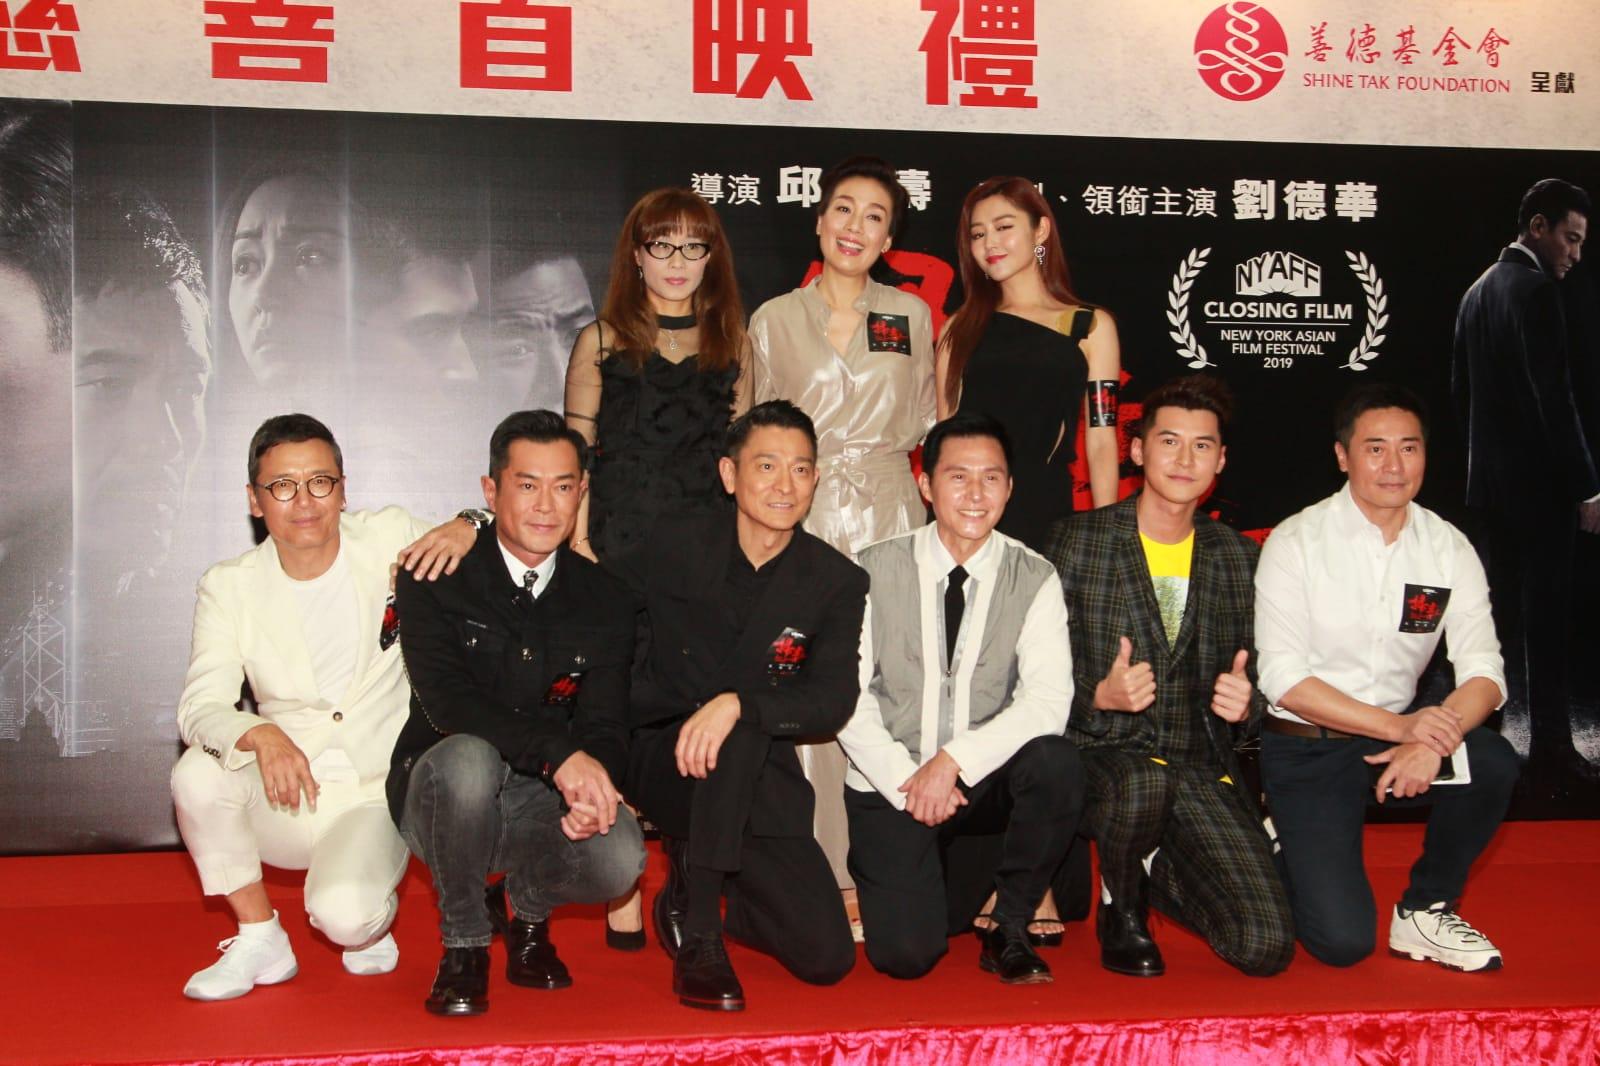 《掃毒2天地對決》於今晚在商場舉行慈善首映禮。